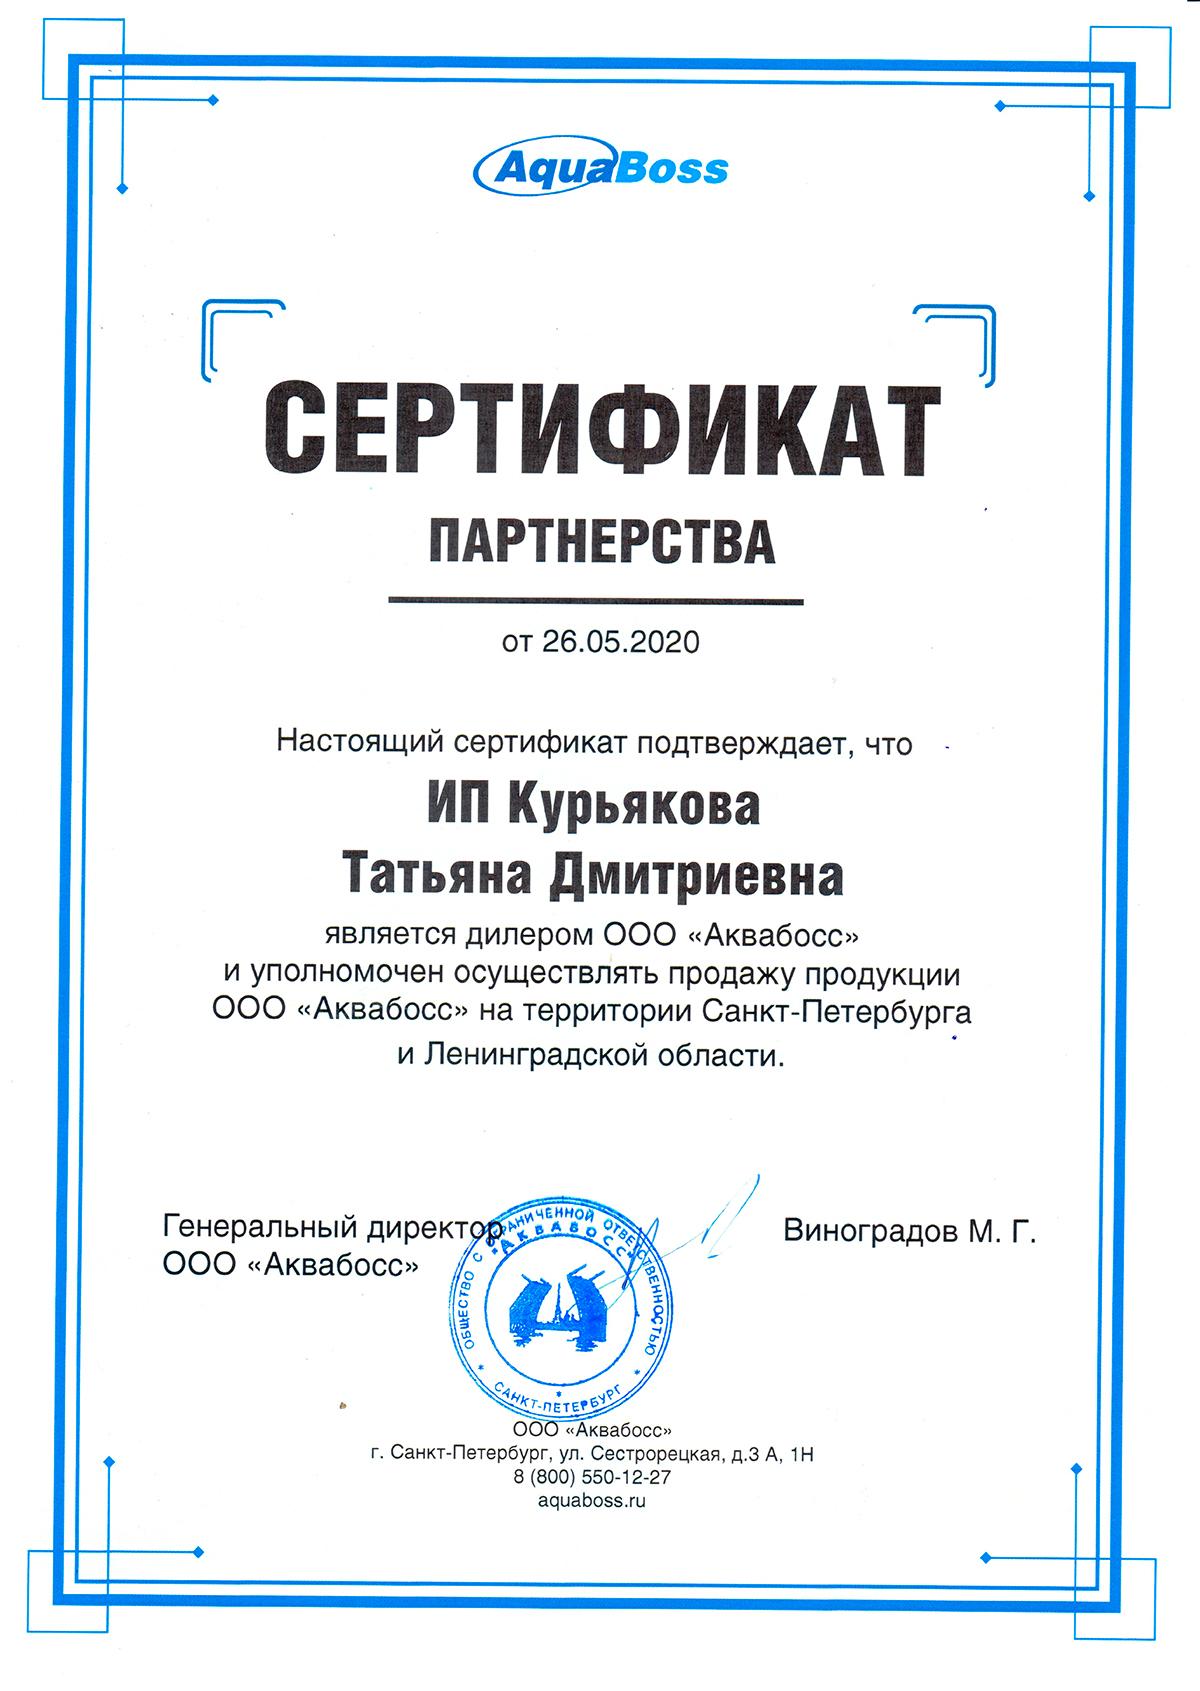 Сертификат партнерства с компанией Аквабосс ИП